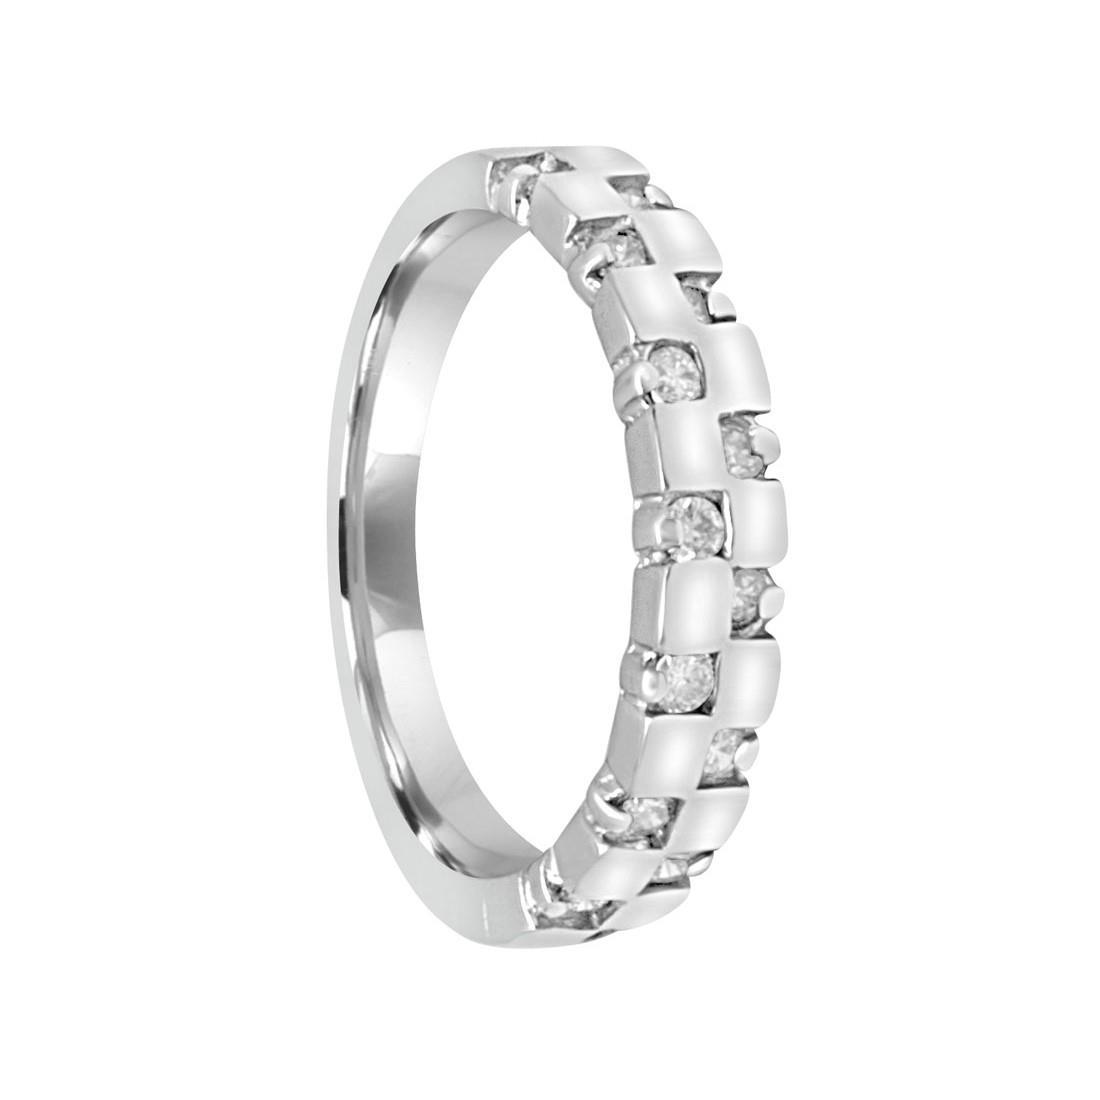 Anello in oro bianco con diamanti ct 0.28, misura 13 - ORO&CO